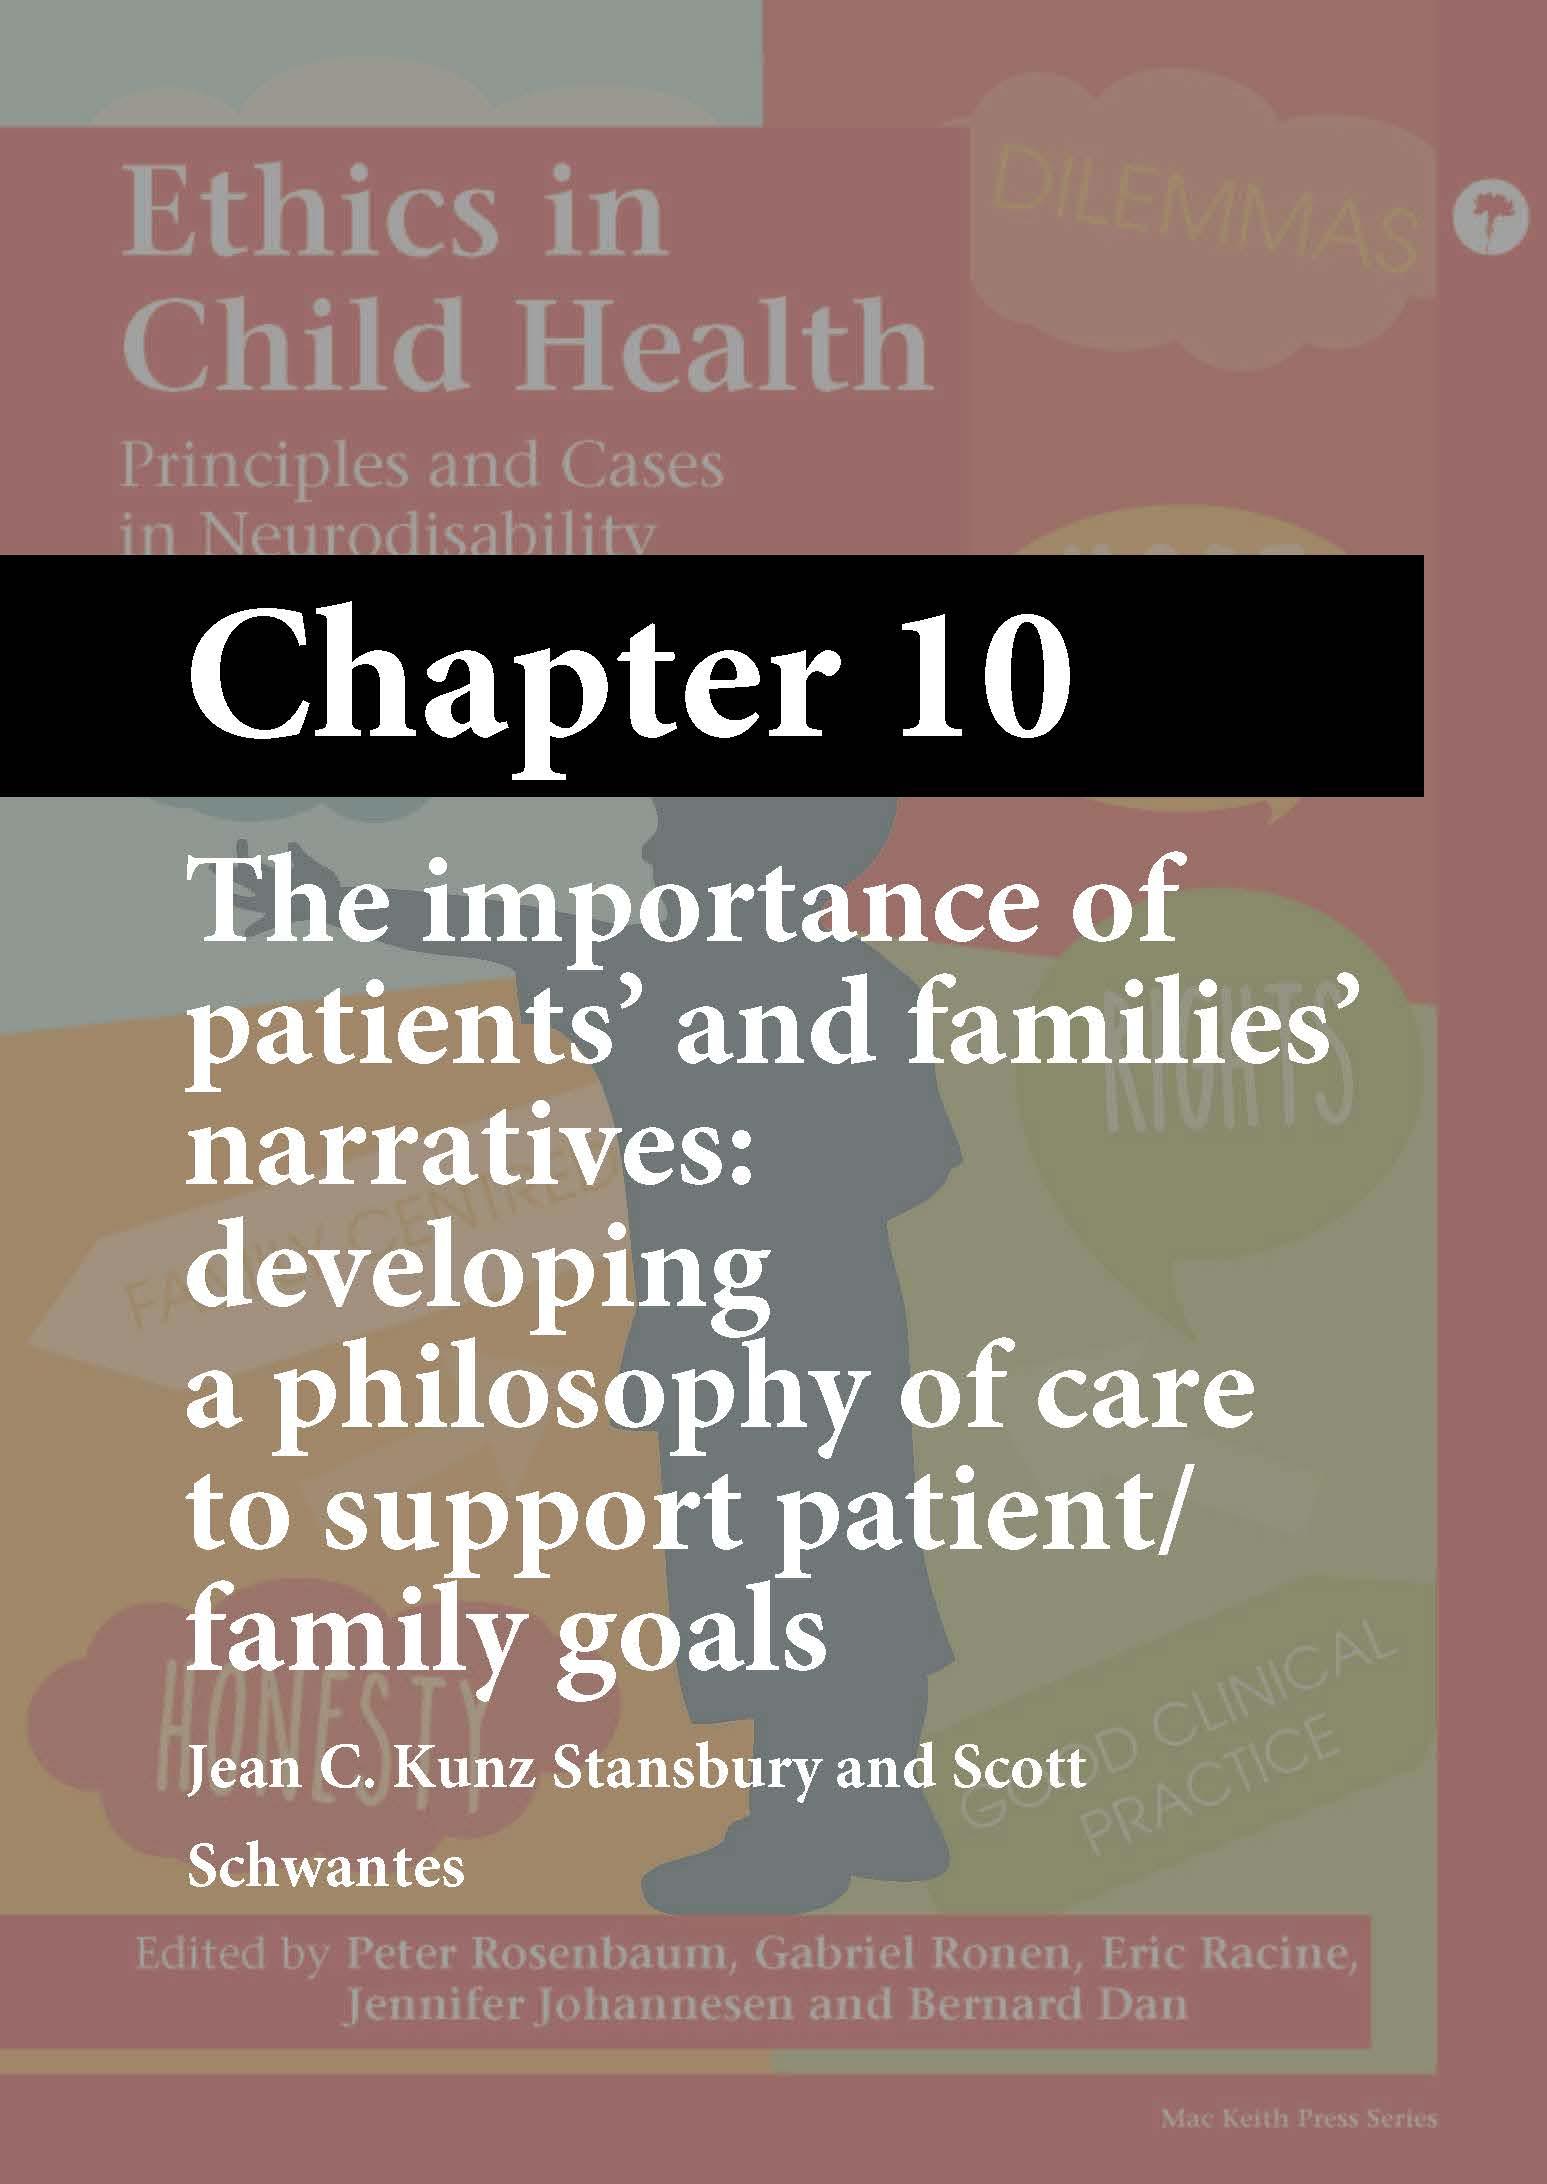 Ethics in Child Health, Rosenbaum, Chapter 10 cover